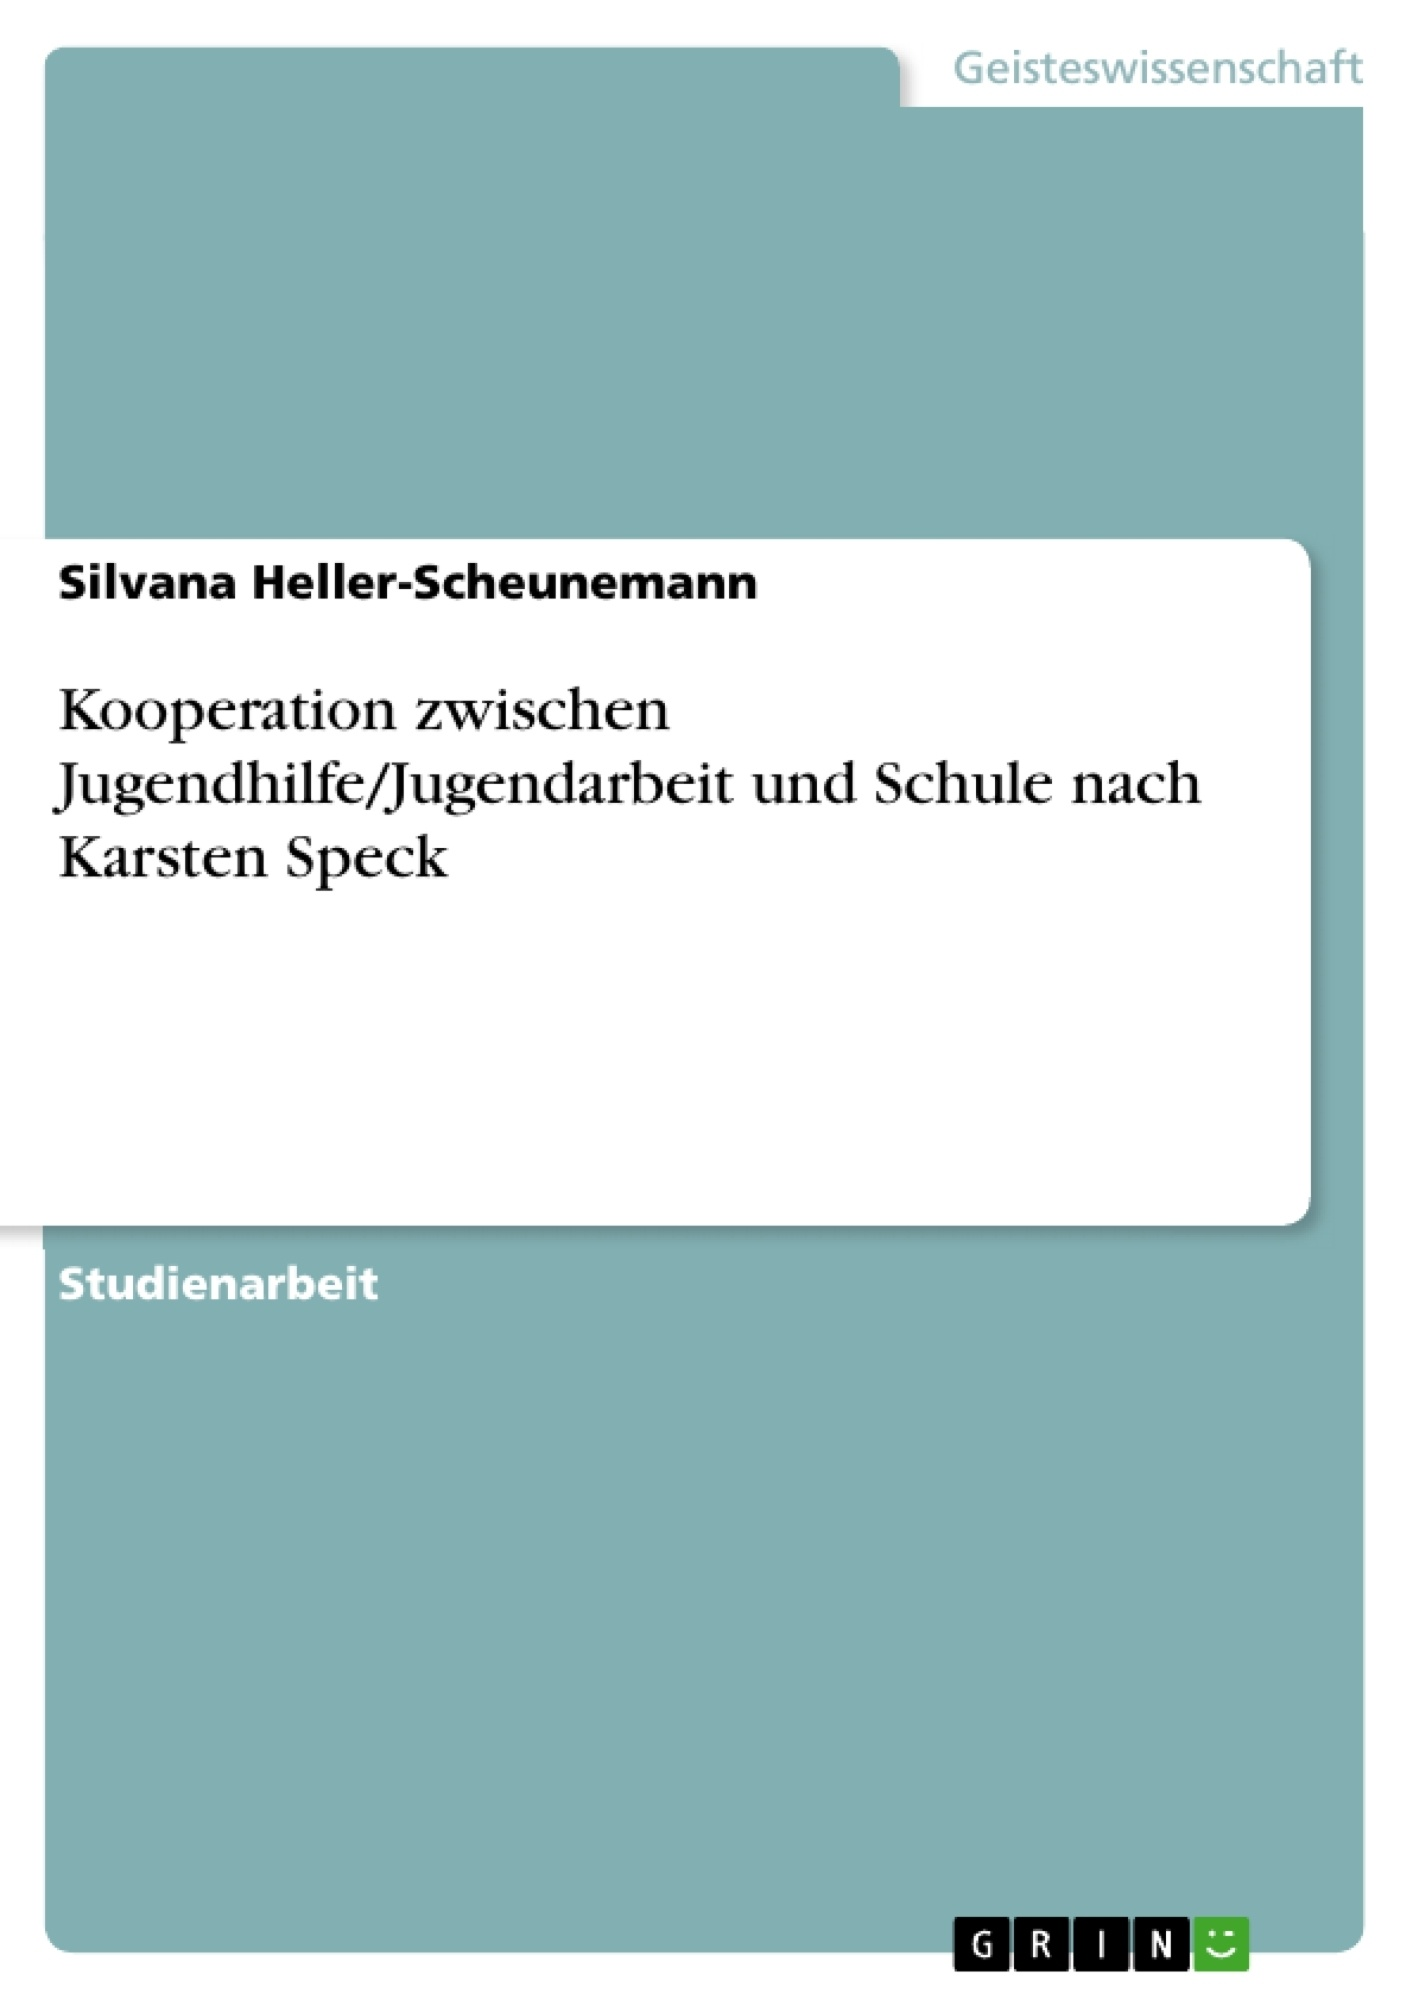 Titel: Kooperation zwischen Jugendhilfe/Jugendarbeit und Schule nach Karsten Speck